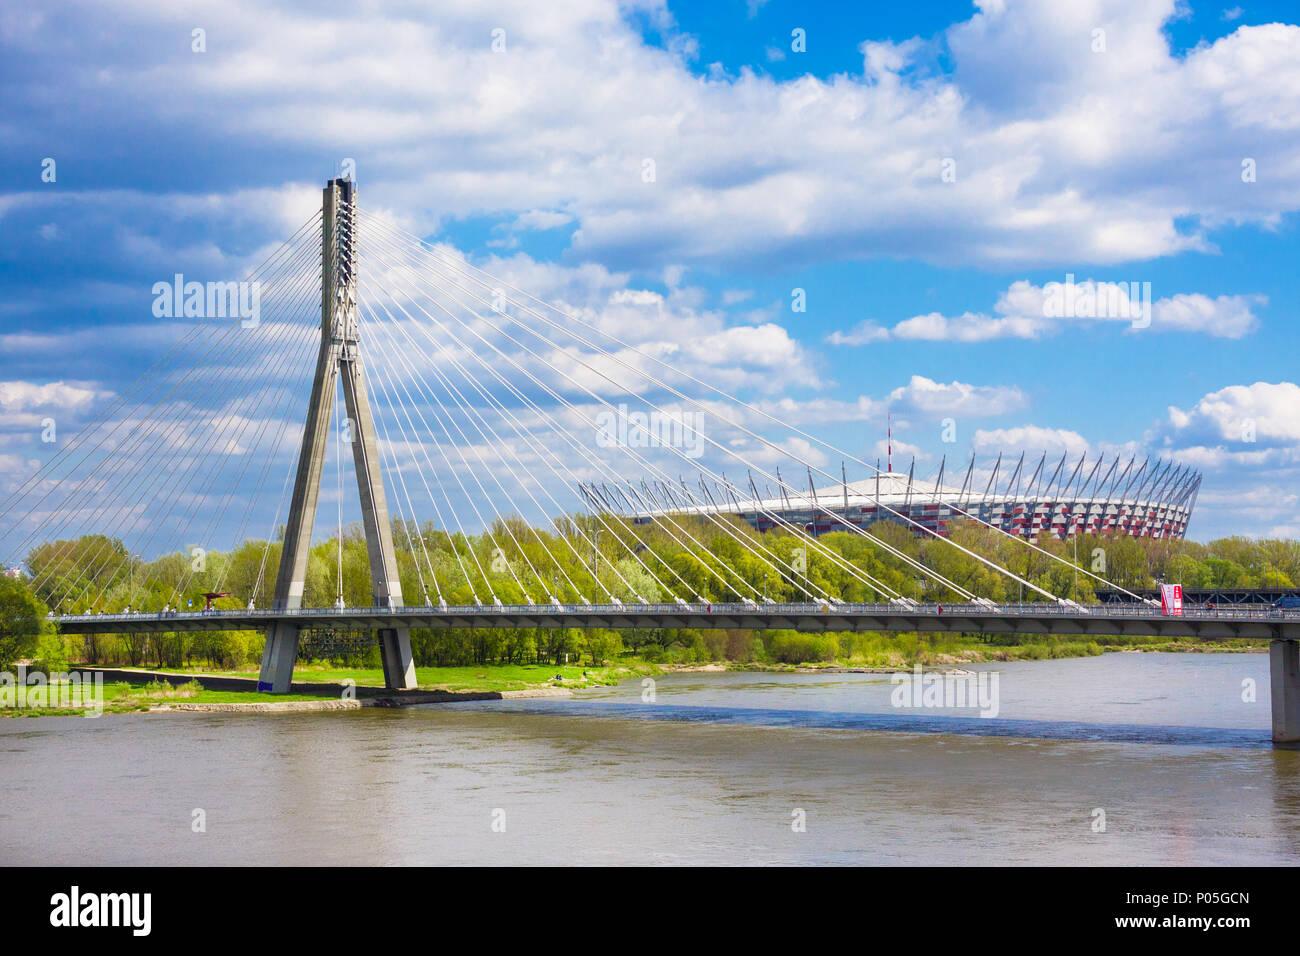 Warschau, Polen - 24 April 2016: - Die nationalen Stadium durch die Swietokrzyski Brücke über die Weichsel voraus. Speziell für die UEFA EURO gebaut Stockfoto